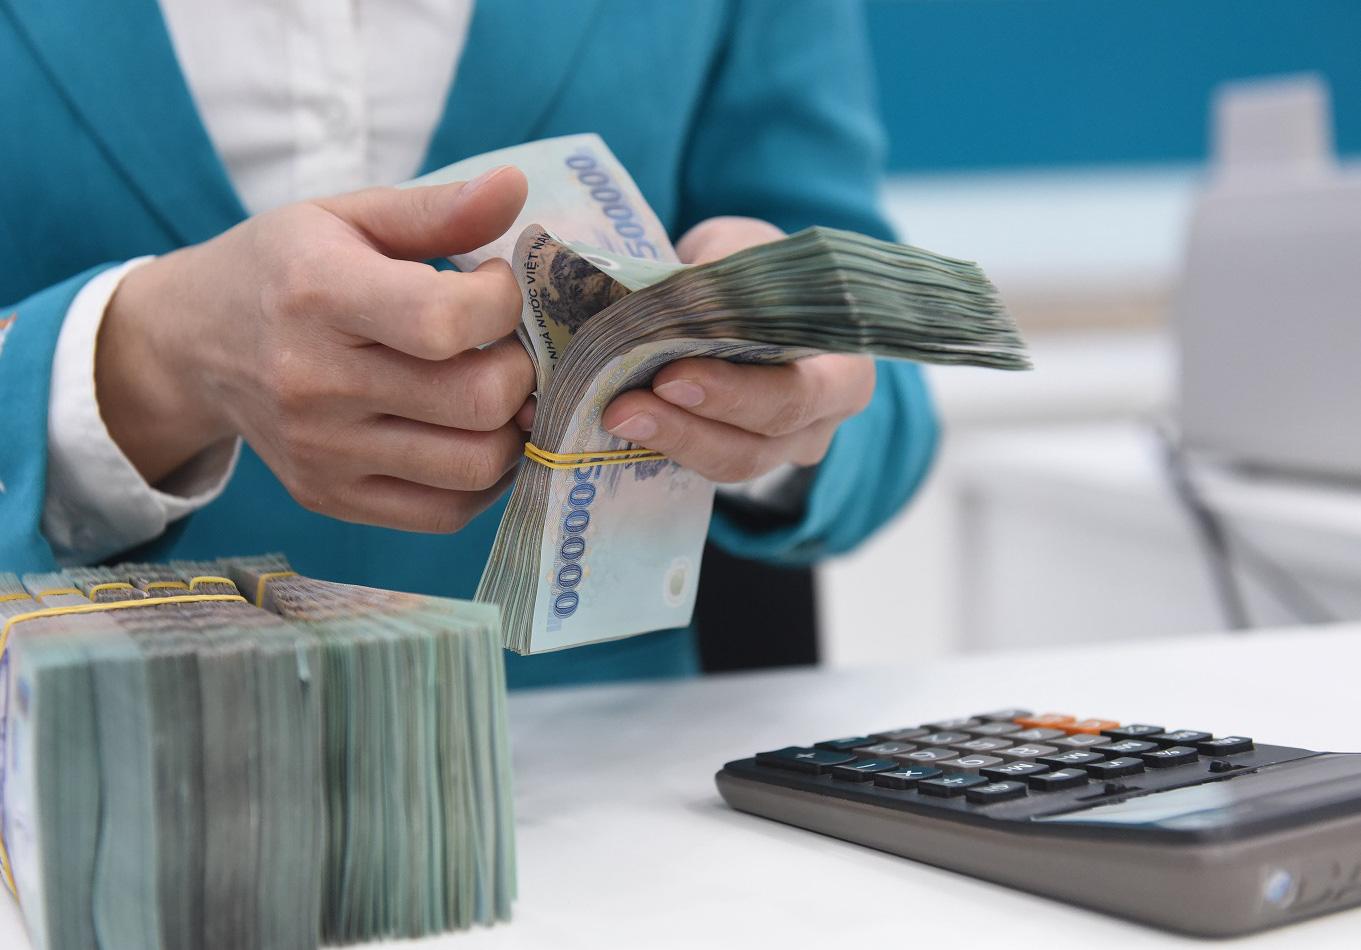 Lãi cho vay vẫn cao trong khi lãi suất tiền gửi liên tục giảm - Báo Người  lao động